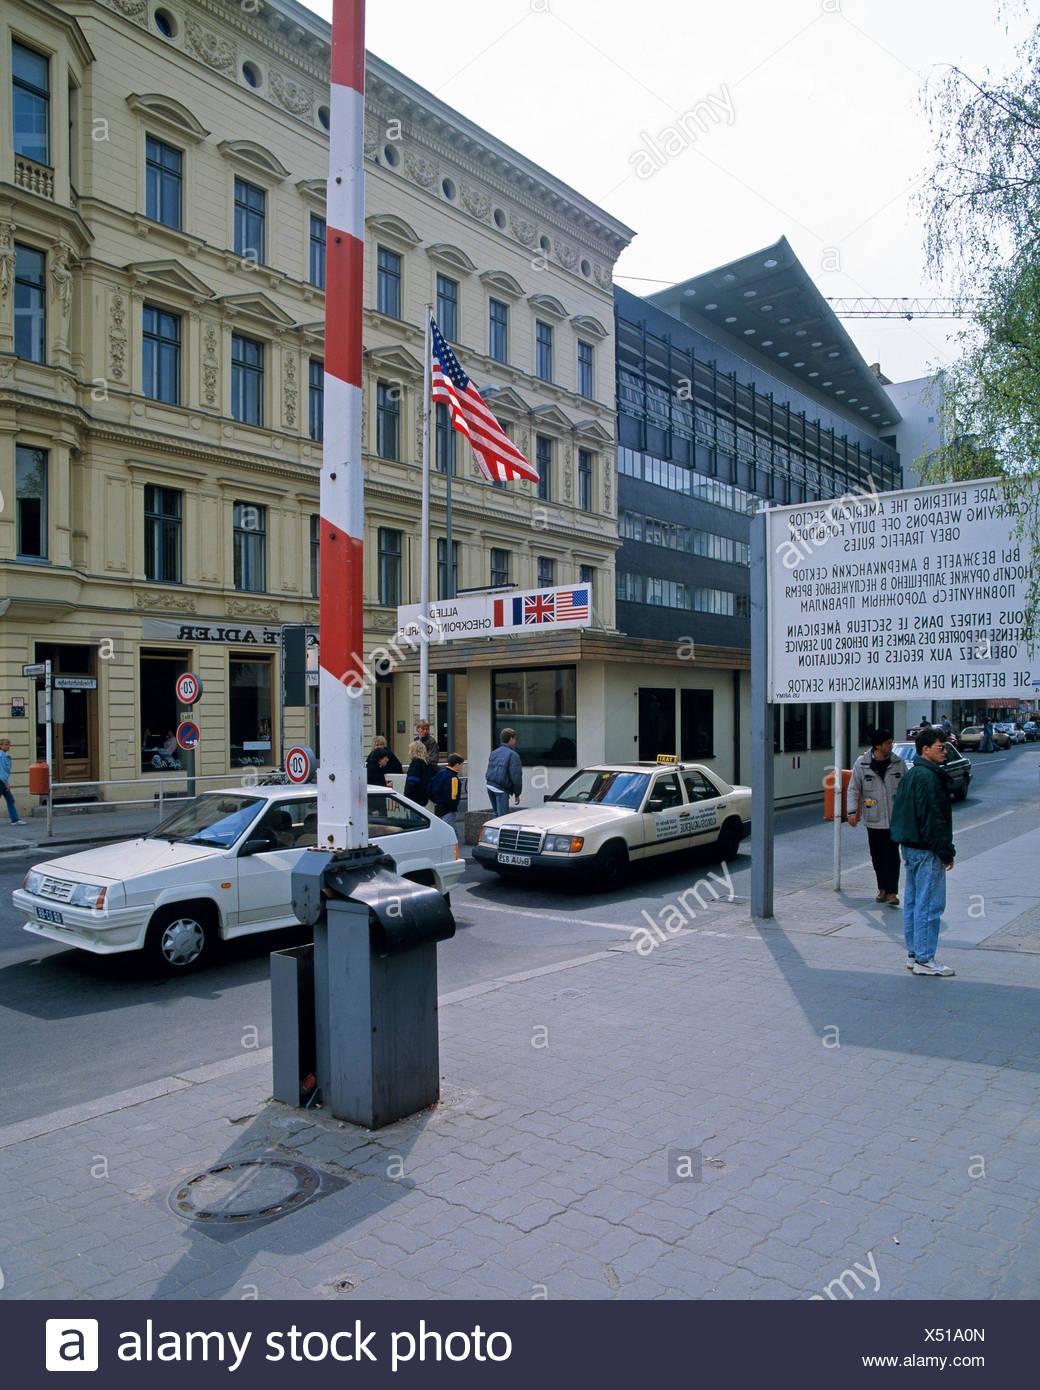 Germania, Europa, Berlino, apertura, il muro di Berlino, attraversamento straniera, checkpoint, Checkpoint Charlie, 1990, la caduta del muro di Berlino, Immagini Stock